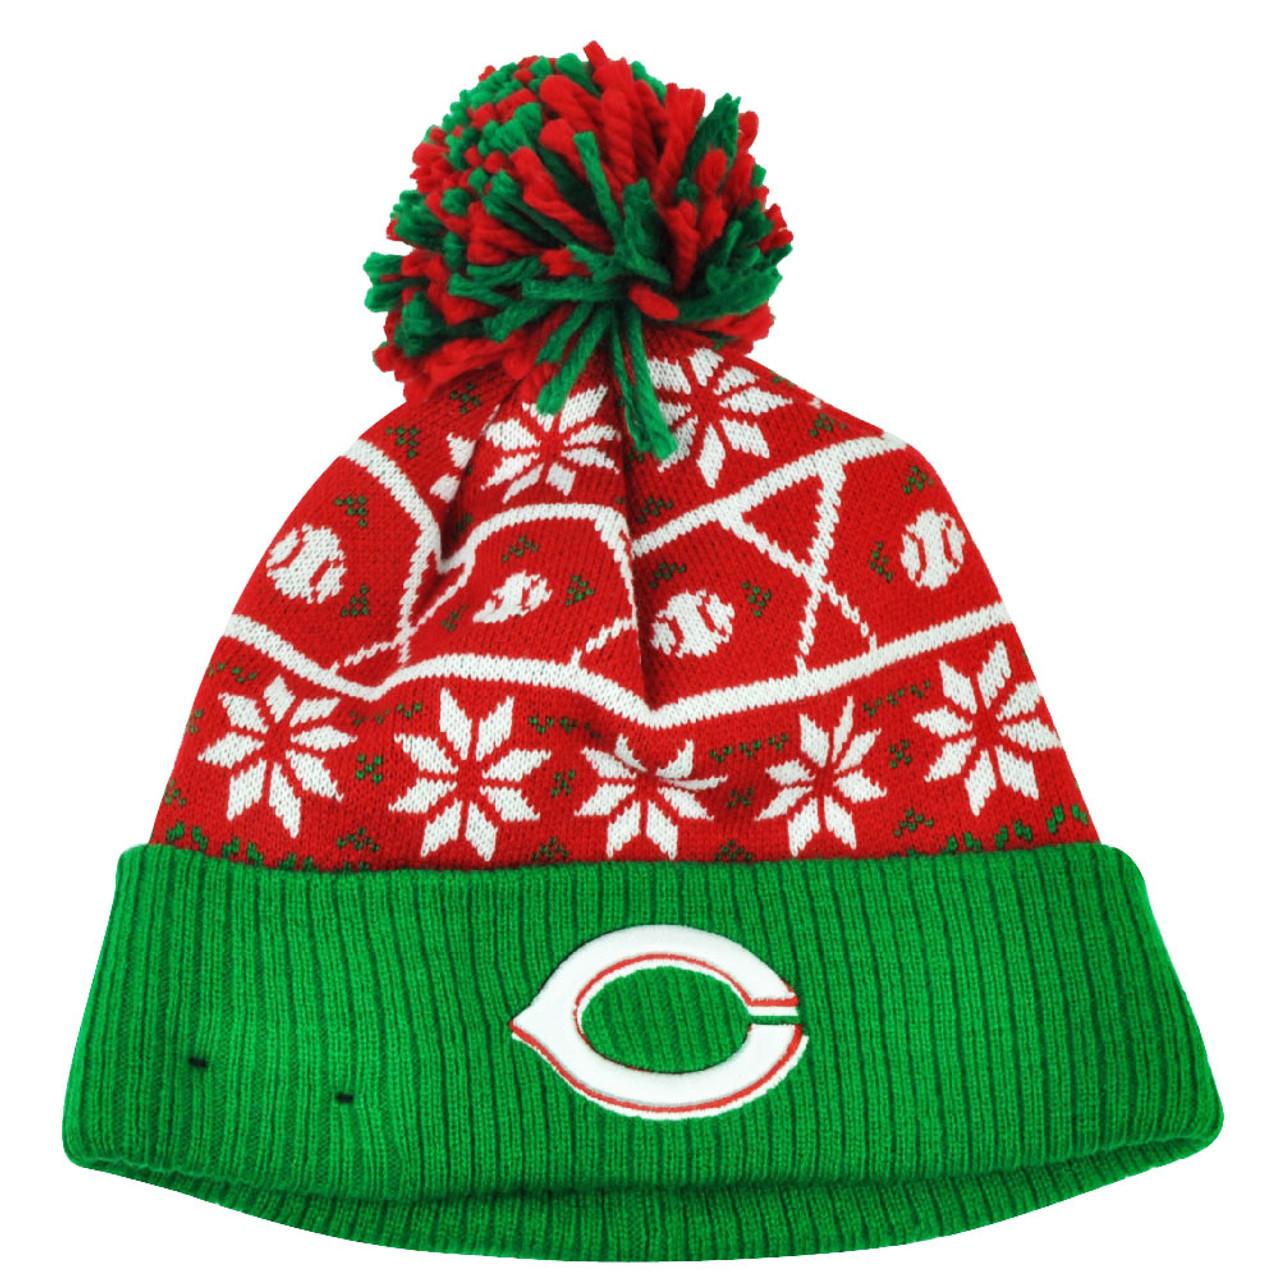 6f48603240d54c MLB New Era Sweater Chill Cincinnati Reds Pom Pom Cuffed Knit Beanie Winter  Hat - Cap Store Online.com